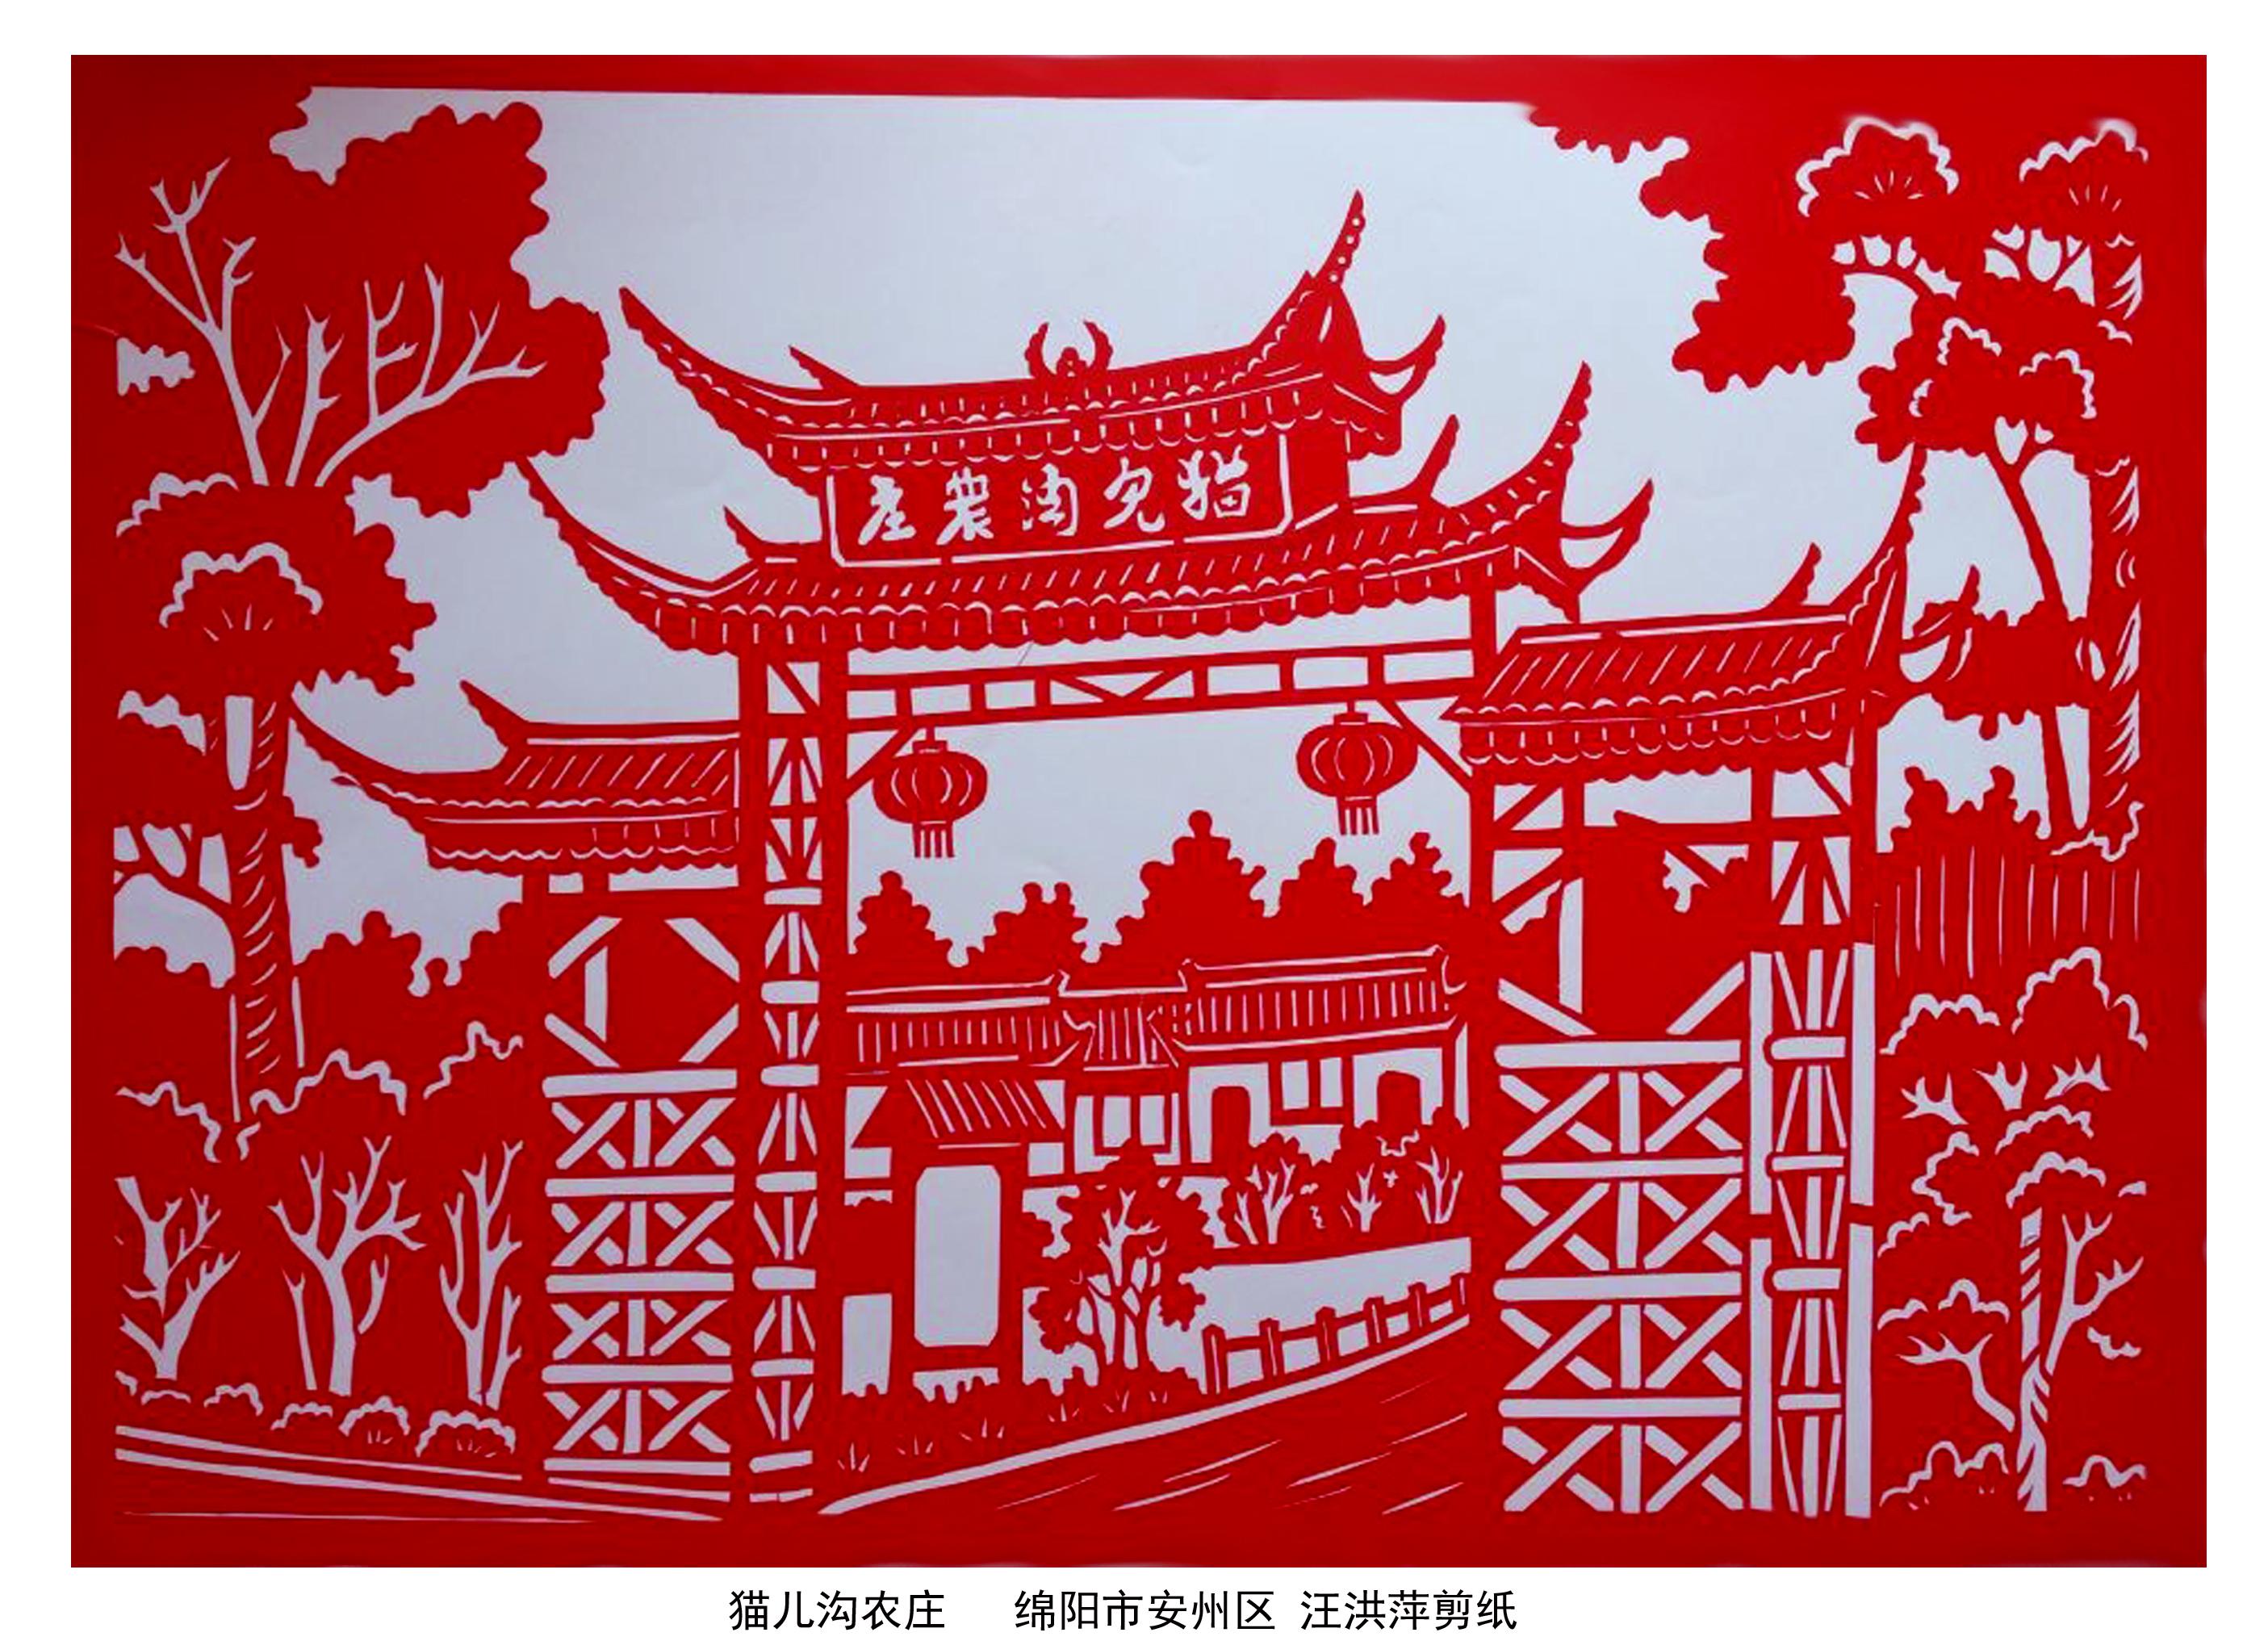 涪城区非遗大会暨丰谷镇第三届非遗集市节即将开市